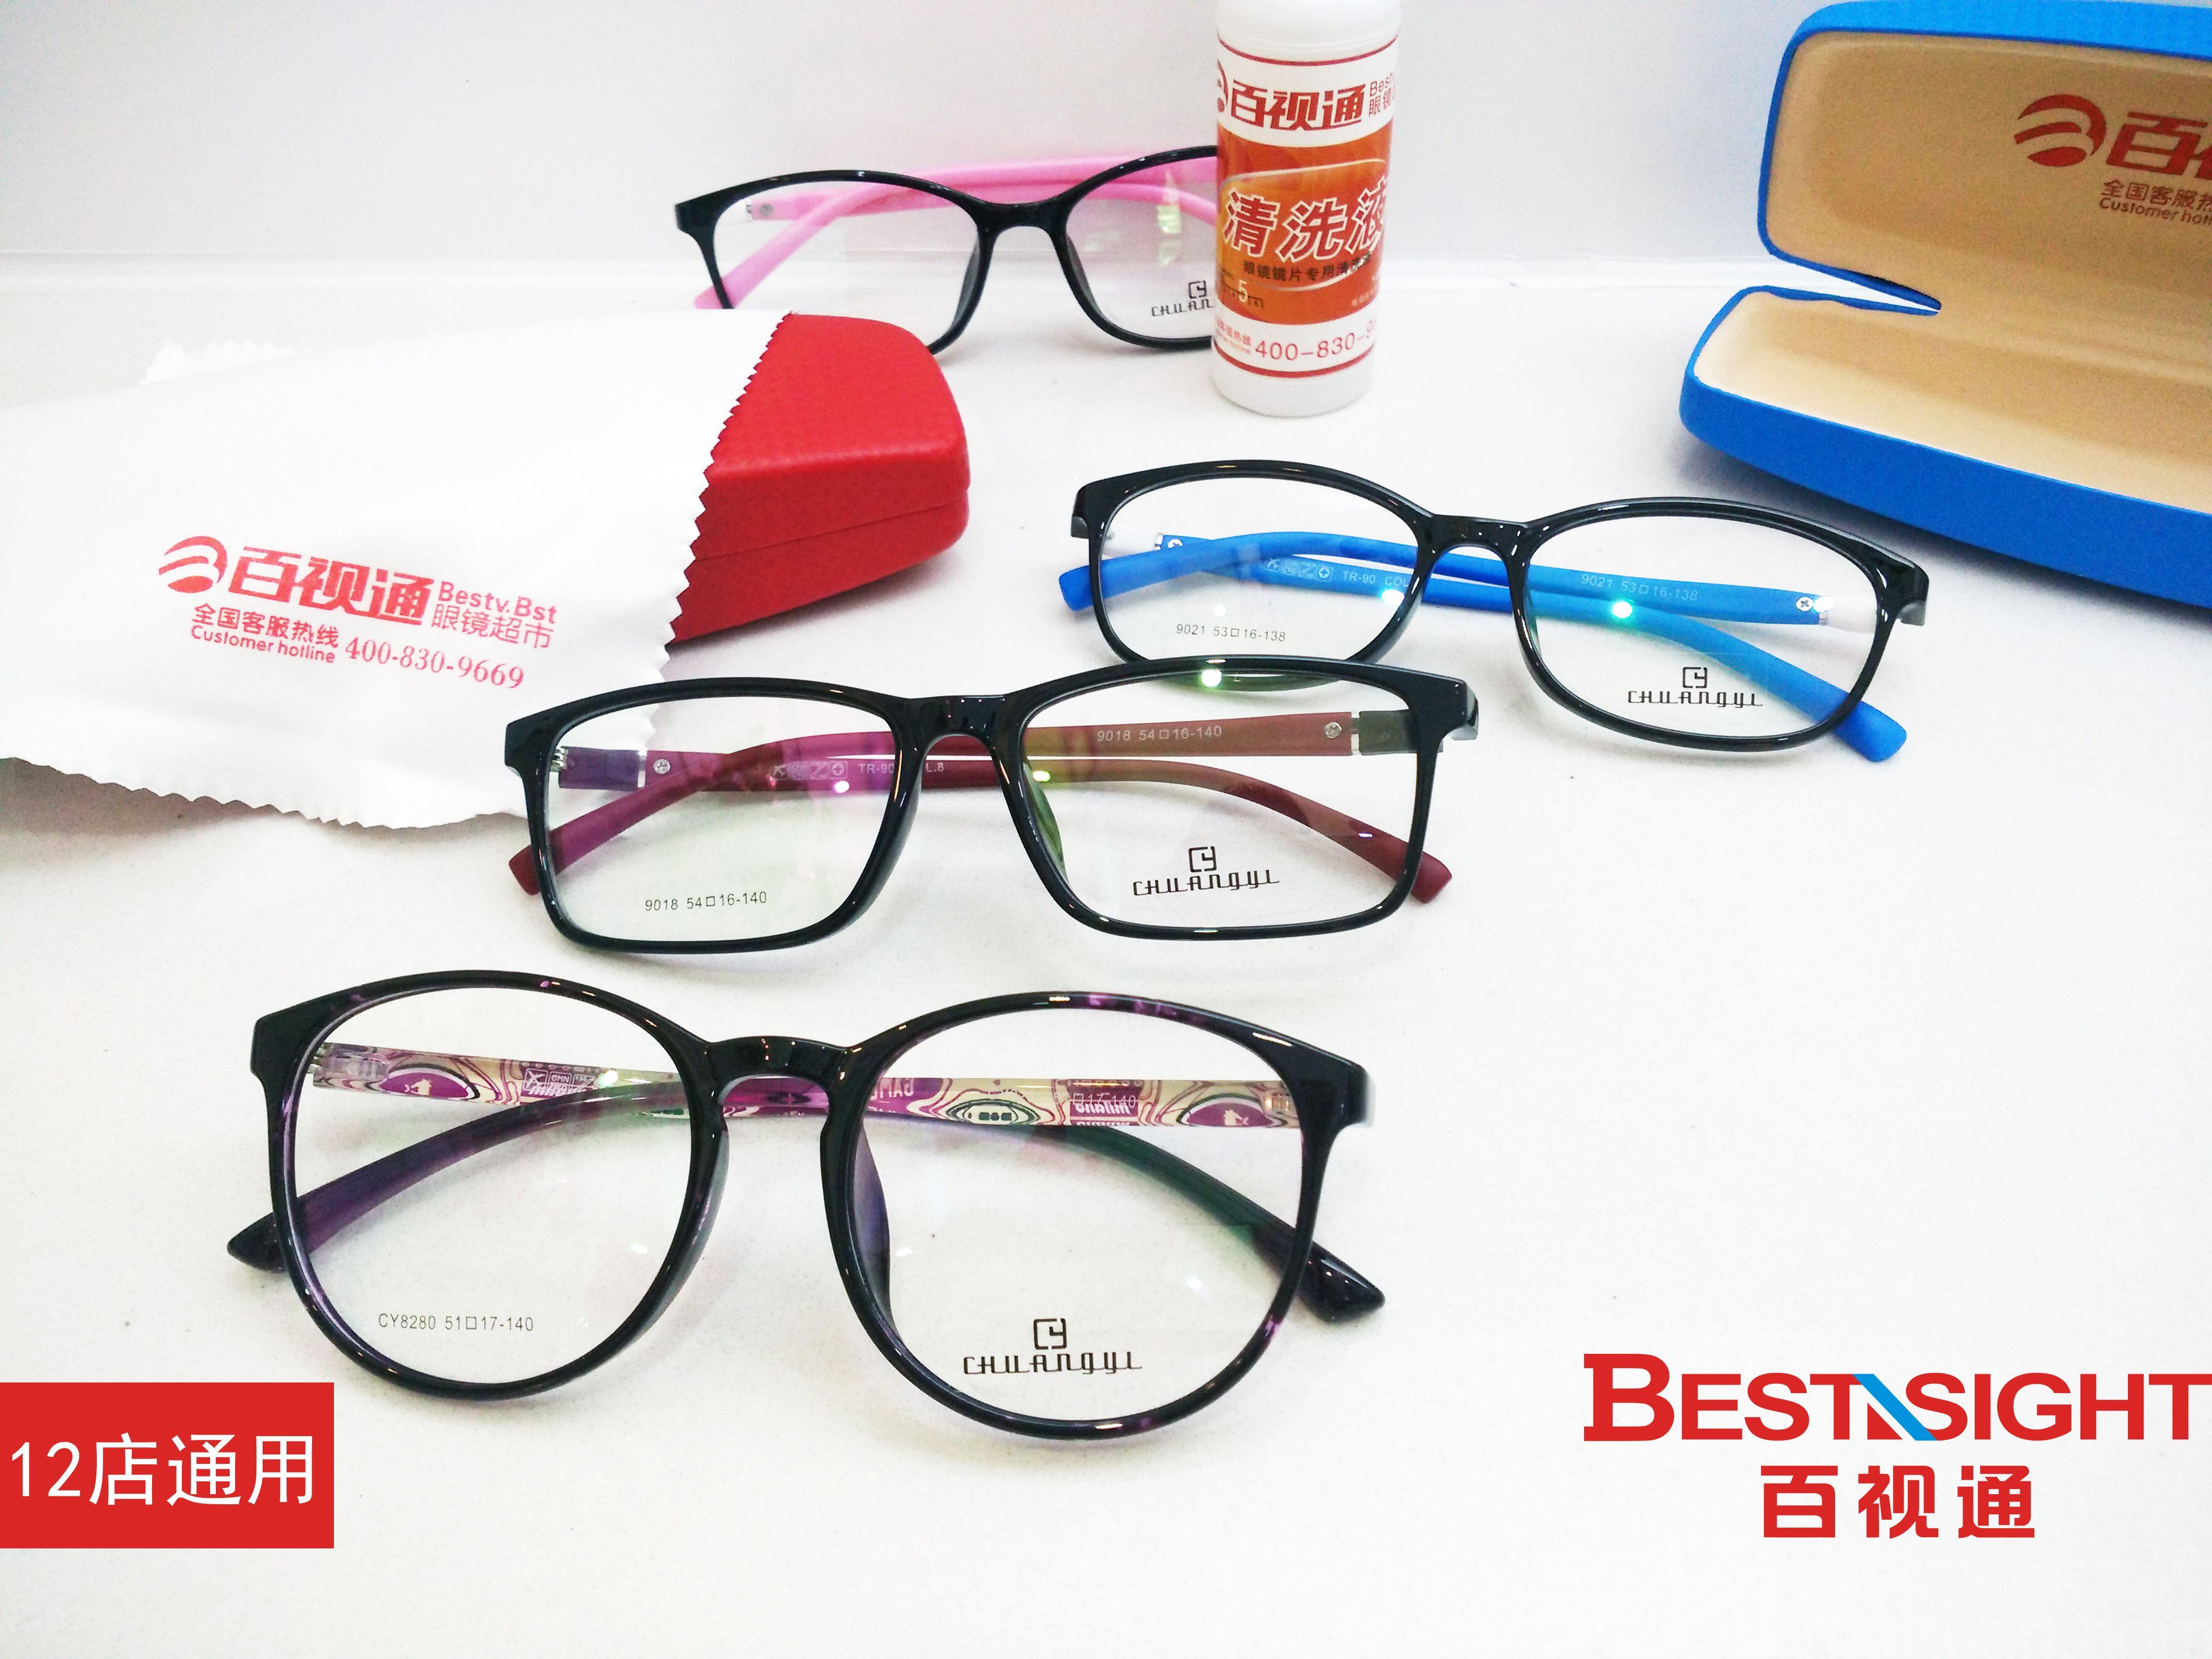 :长沙今日团购:【百视通眼镜超市】超值配镜套餐二